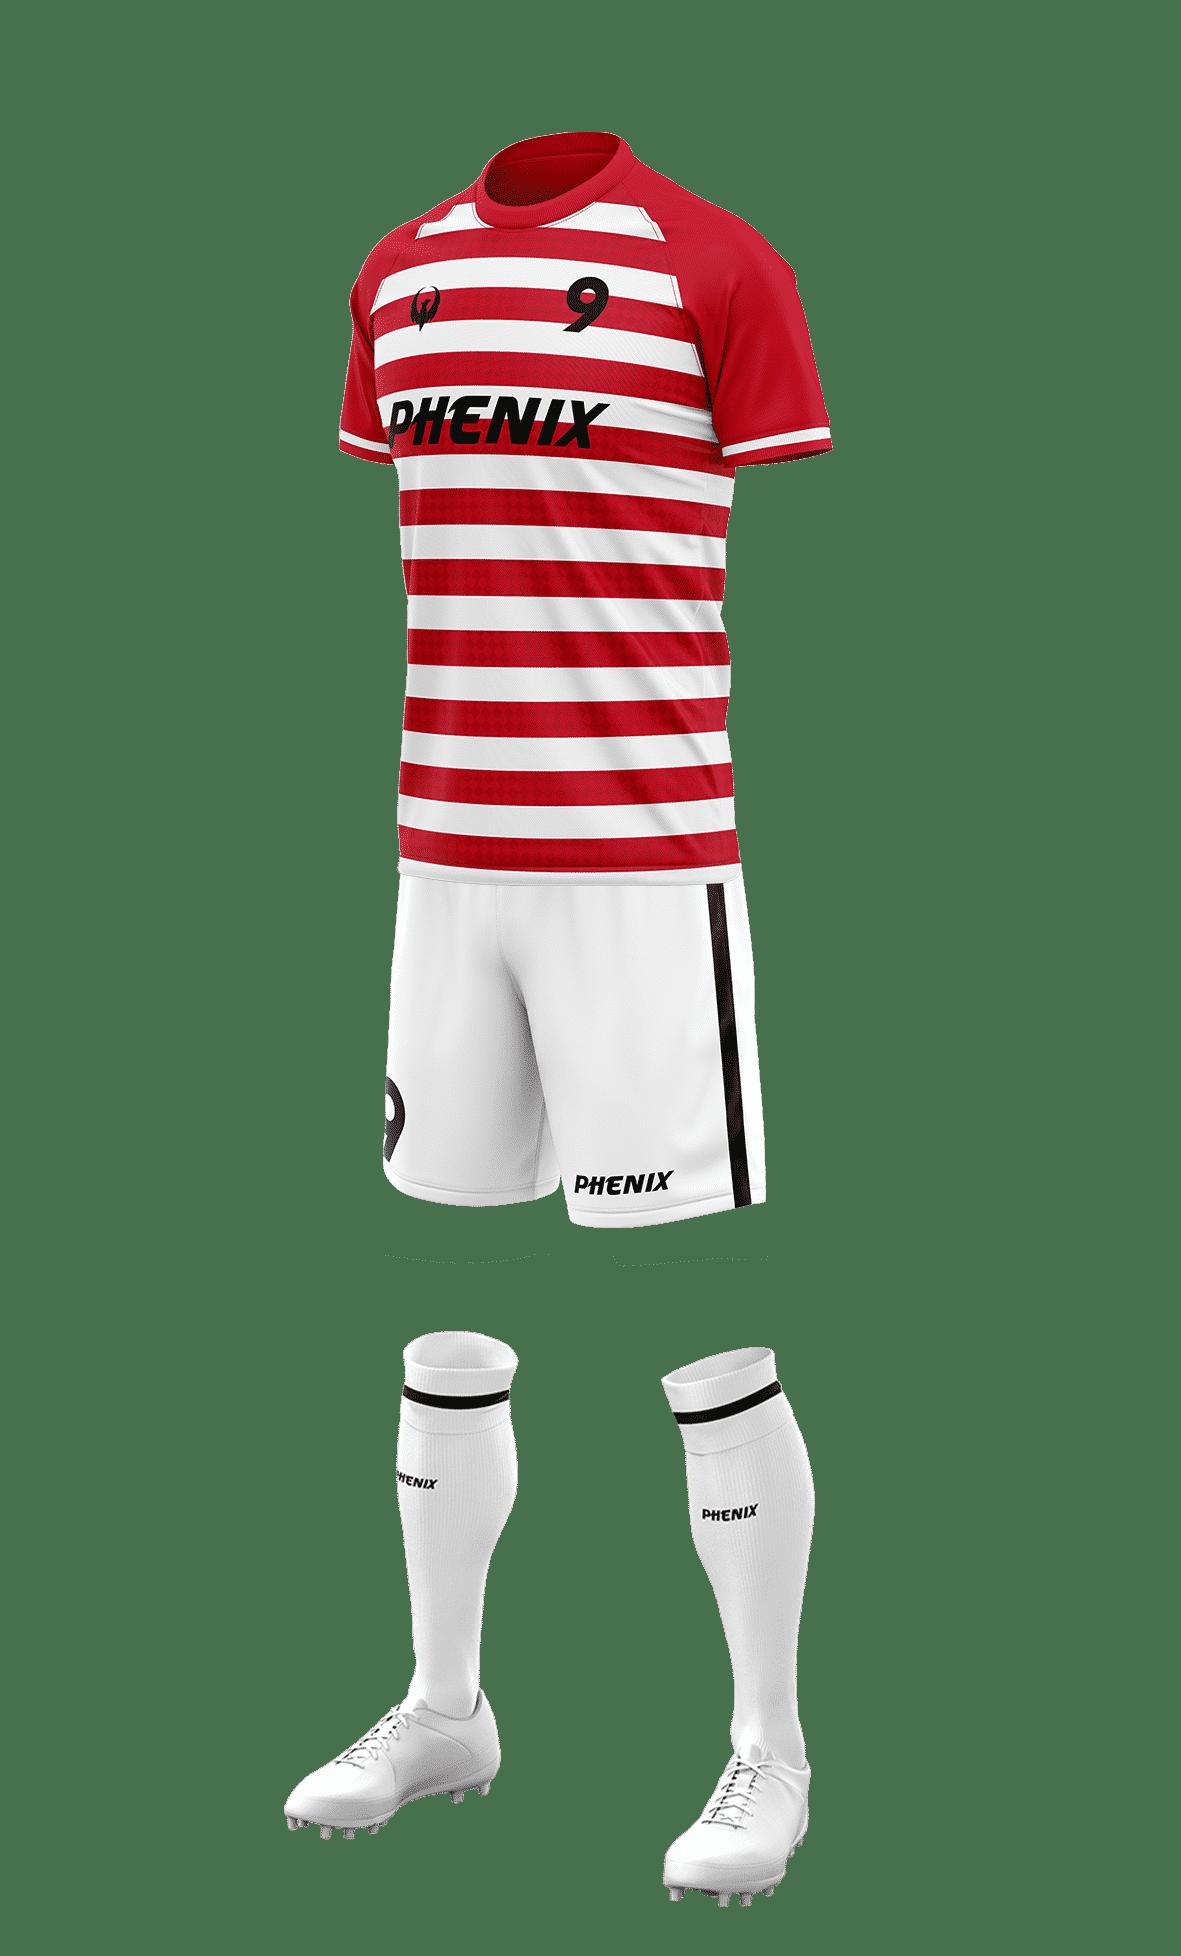 maillot-phenix-sport-club-5